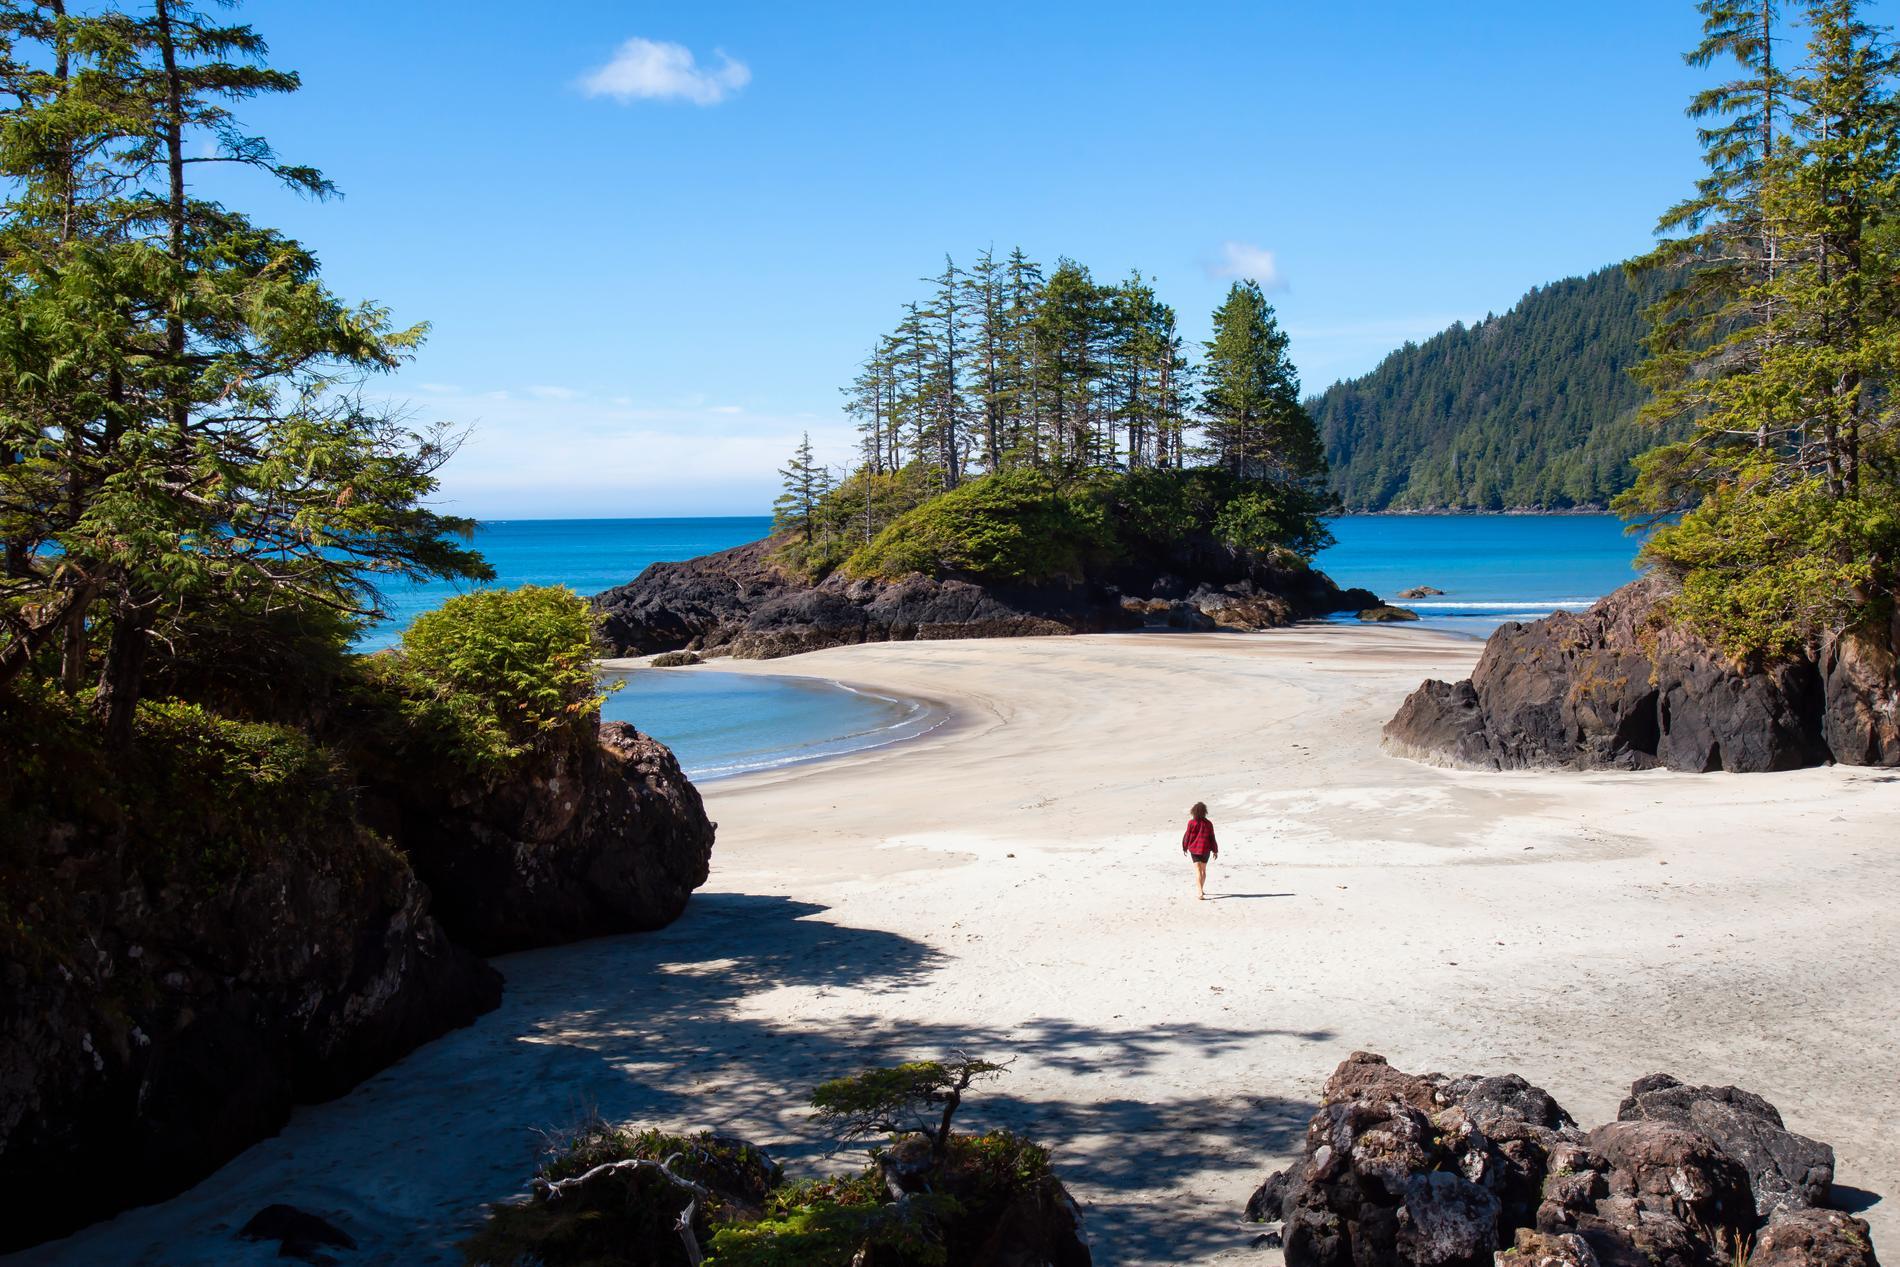 Den aktiva resenären kan ta sig till Vancouver Island.